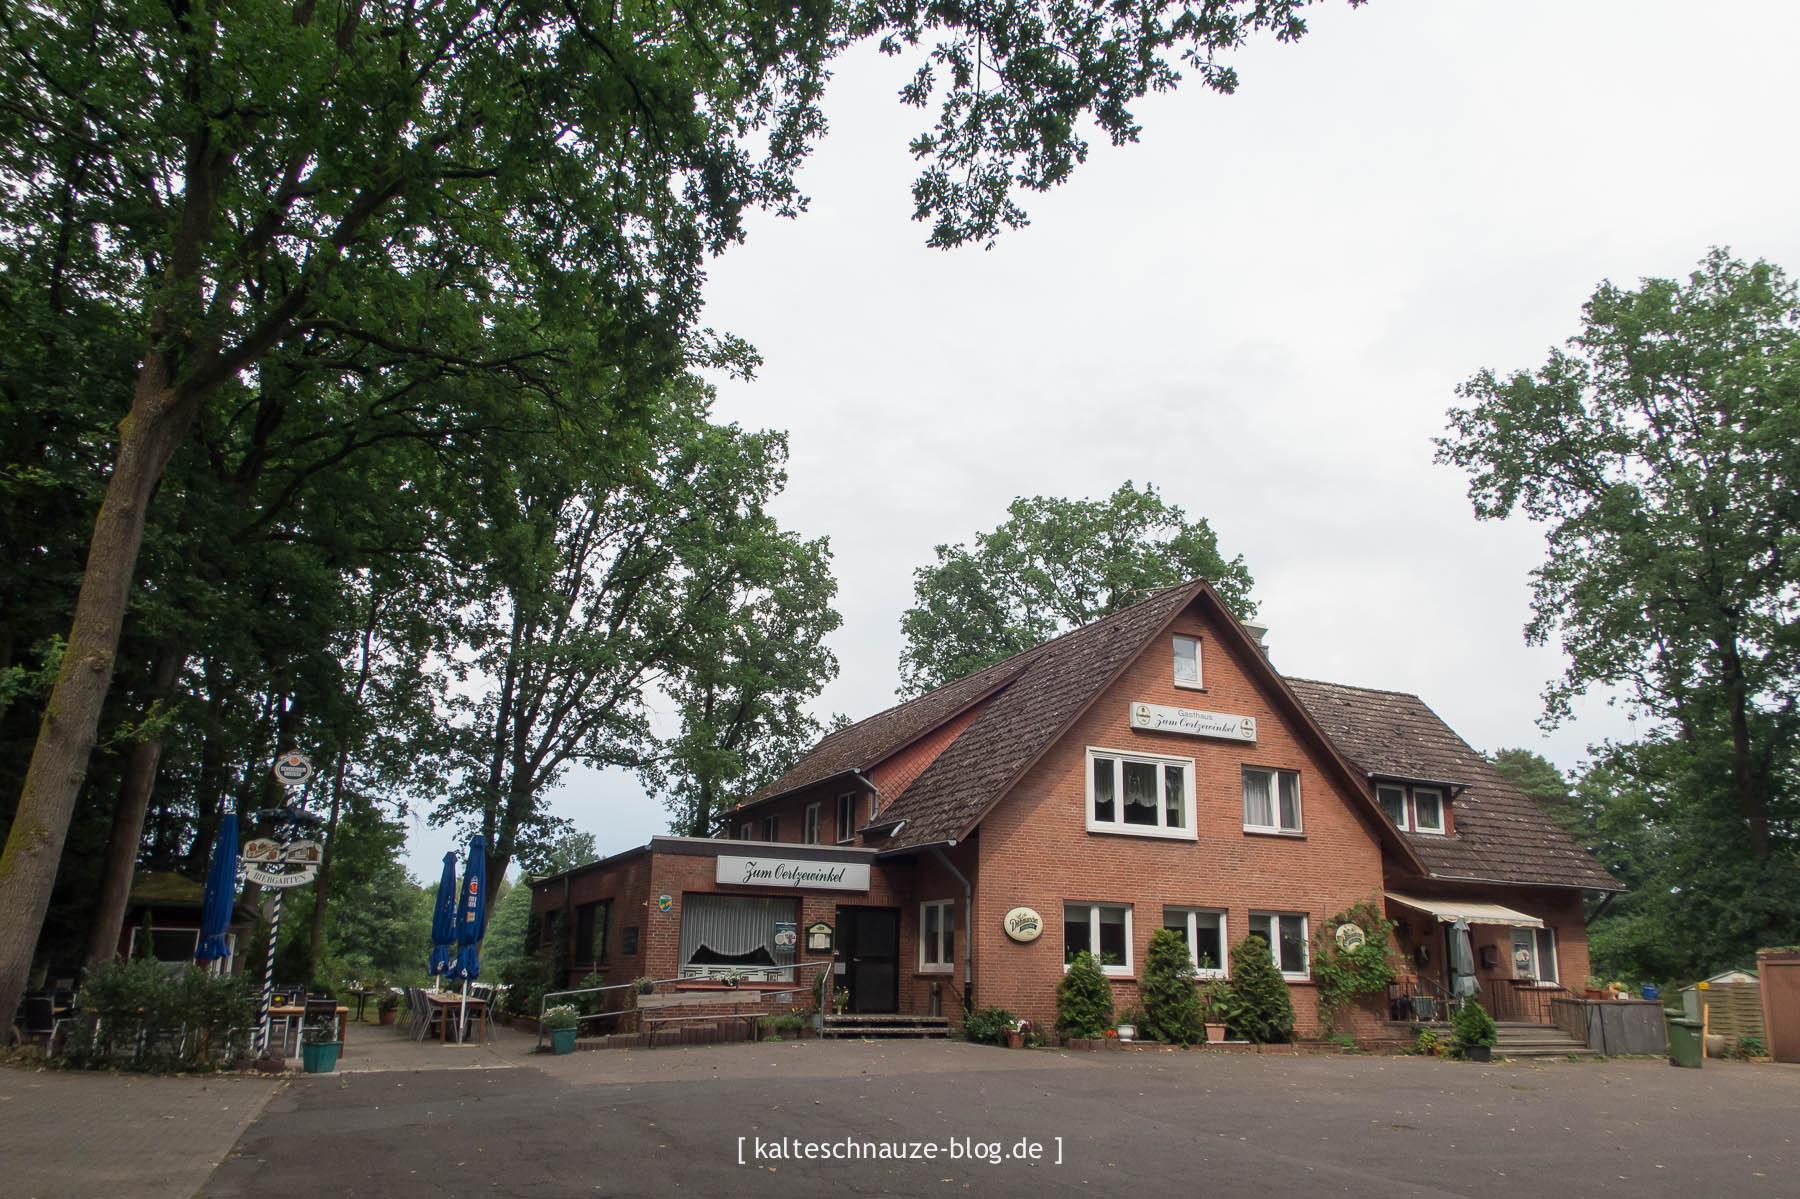 """Das Gasthaus """"Zum Oertzewinkel"""": Unmittelbar an den Campingplatz angrenzend befindet sich das Gasthaus """"Zum Oertzewinkel"""". Dort werden ausschließlich frische und regionale Produkte serviert. Wir waren dreimal zum Essen dort. Unter anderem zum Spanferkelessen. Ursprünglich bildeten beide sowohl Campingplatz als auch Gasthaus eine Einheit als Letzteres von Erika und Hans Sievers nach einjähriger Bauzeit 1966 eröffnet wurde. In den späten 70er Jahren wurde der Campingplatz nicht mehr von der Familie betrieben, sondern verpachtet."""